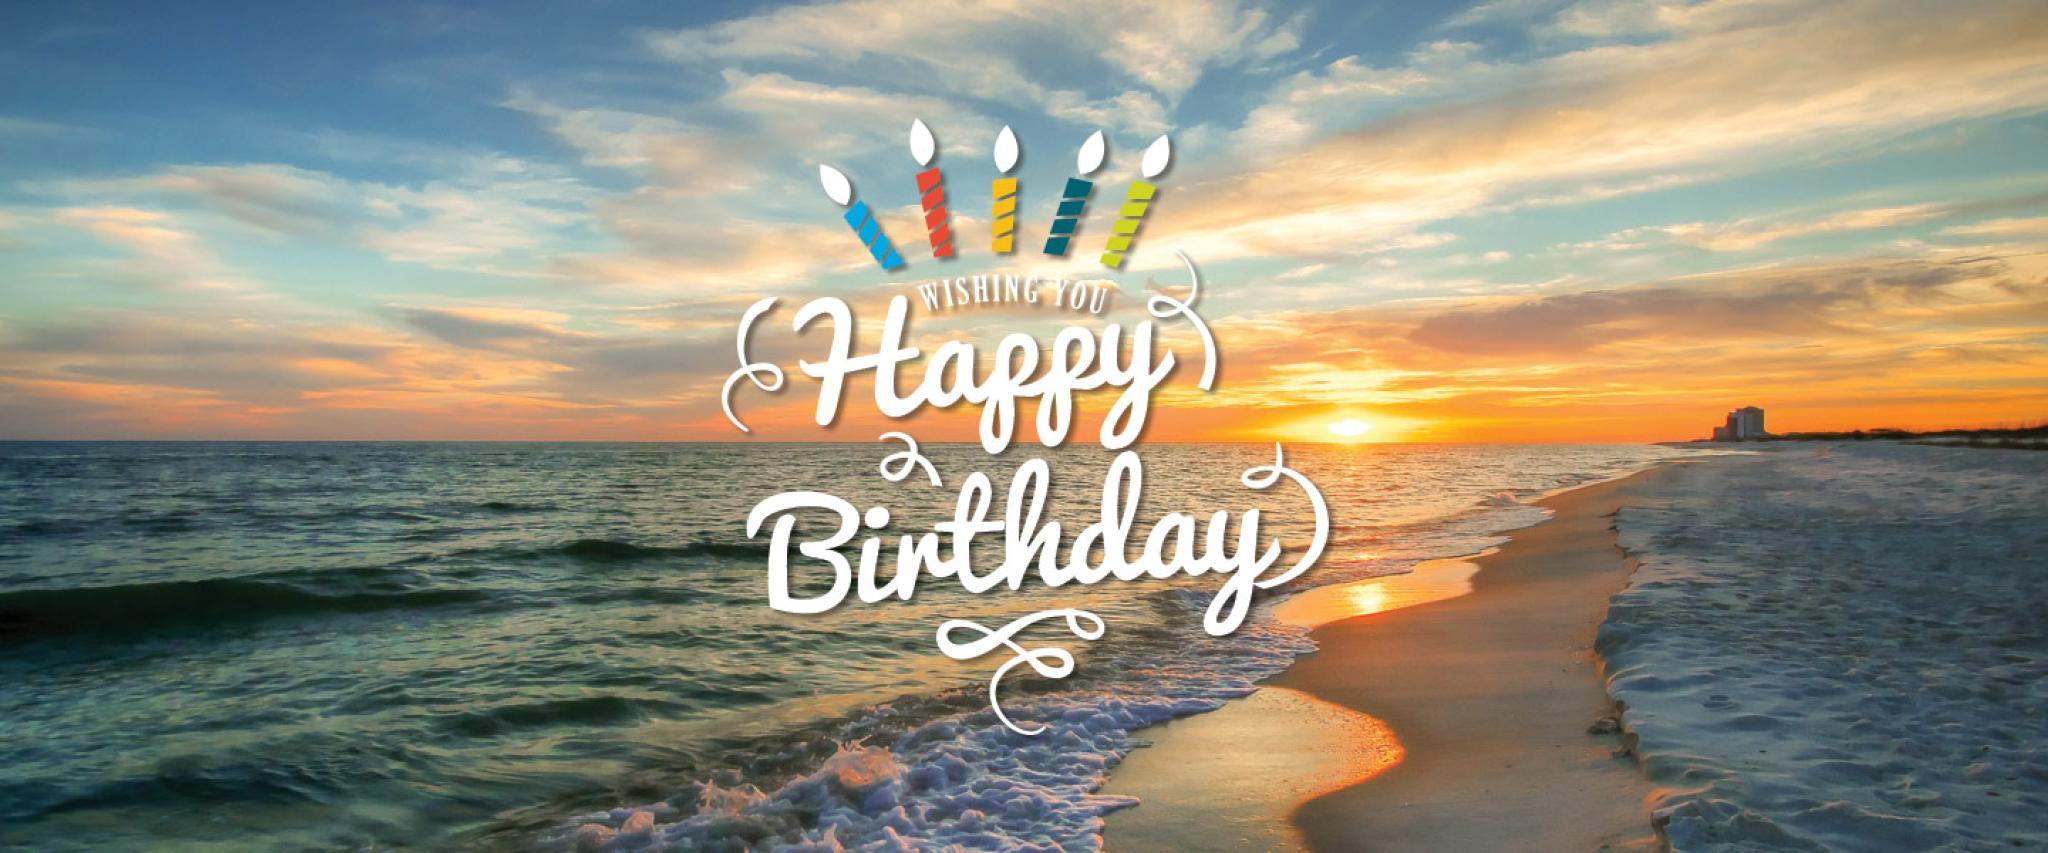 День рождения, с днем рождения море картинки